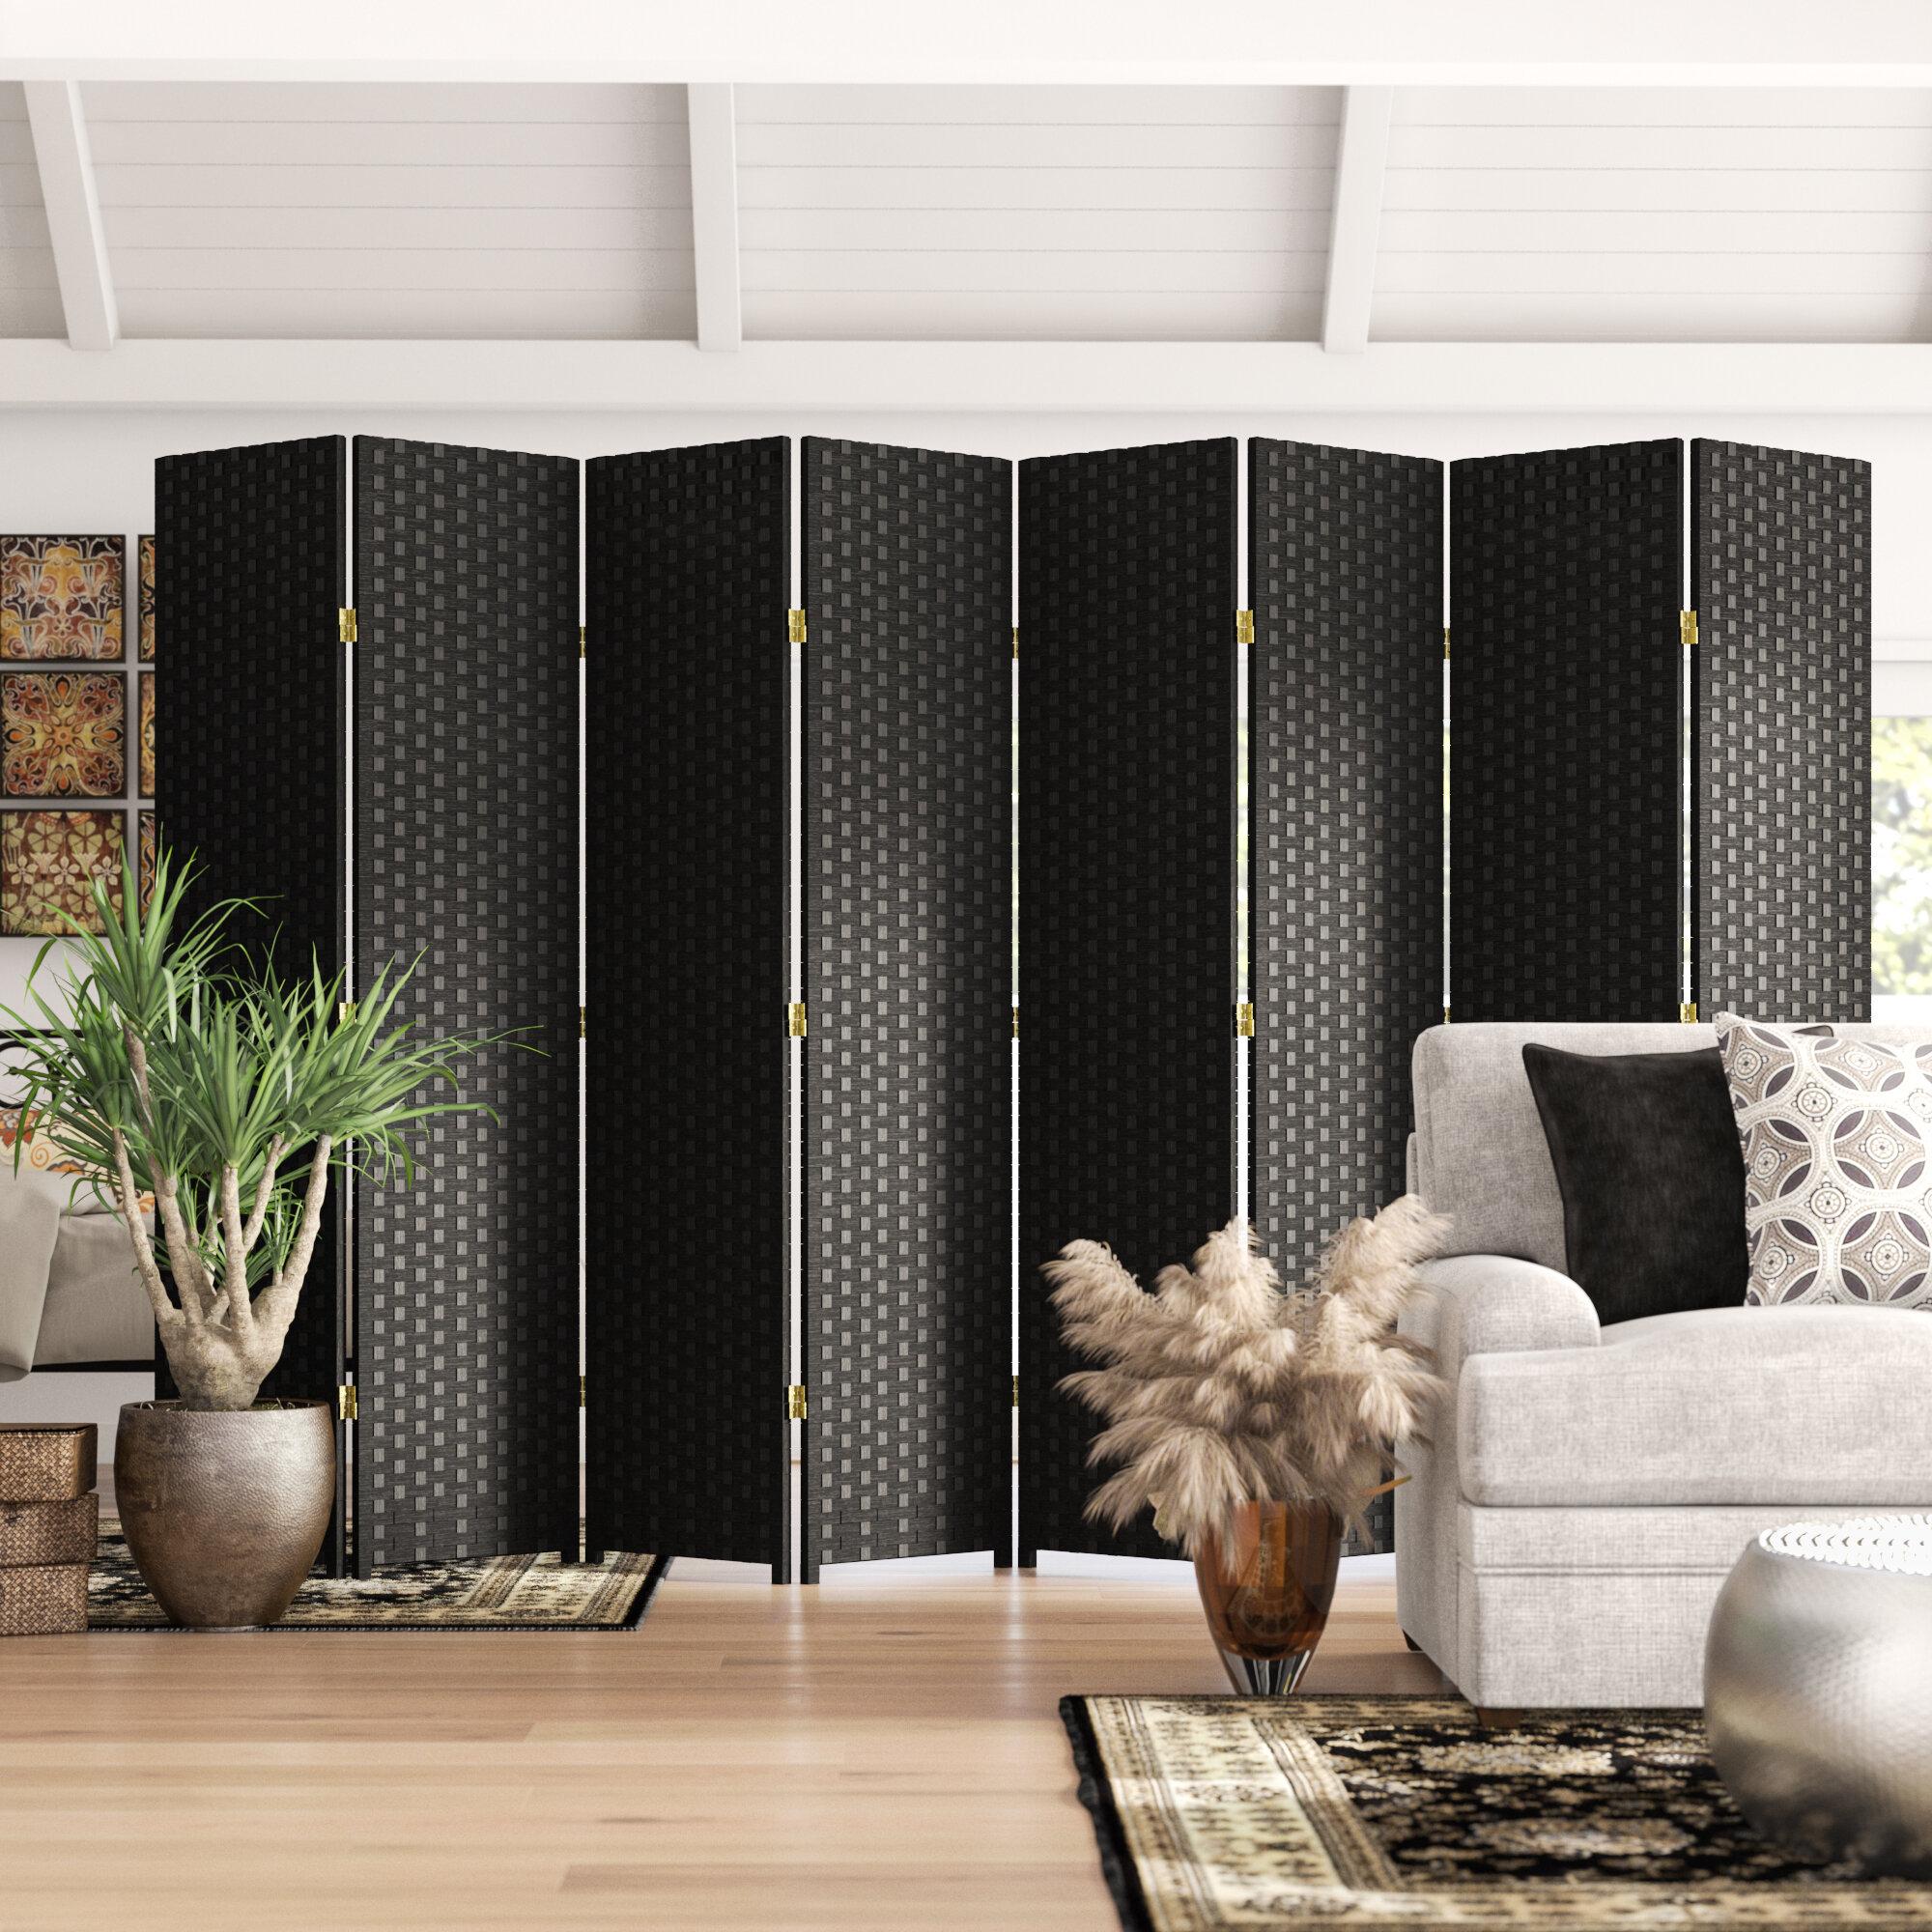 Wim 8 Panel Room Divider